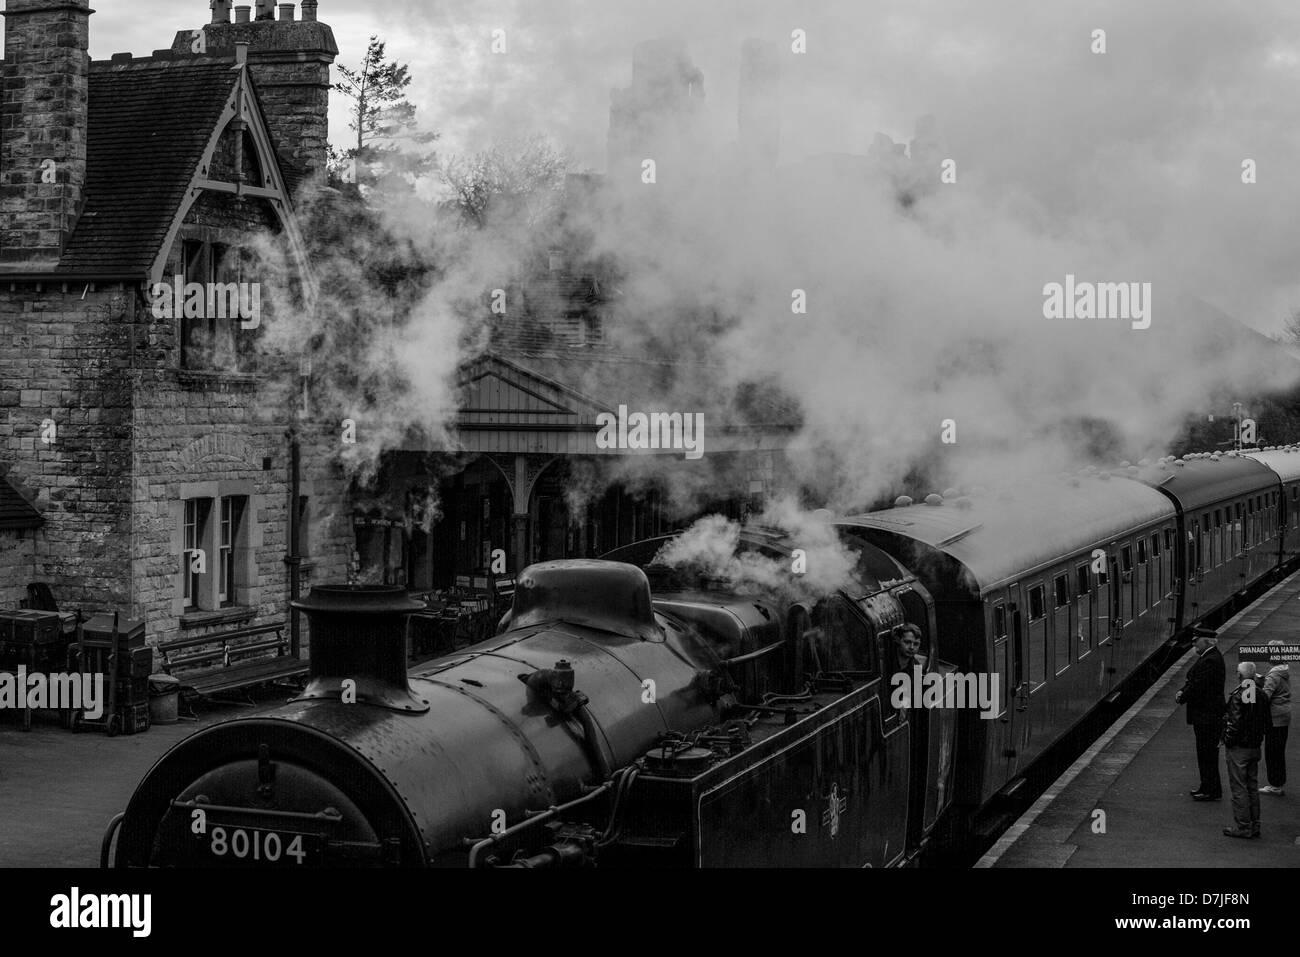 Imagen en blanco y negro de Swanage Railway tren de vapor que llegó a el castillo Corfe village, un Fideicomiso Nacional ubicación en Dorset, Reino Unido. Foto de stock